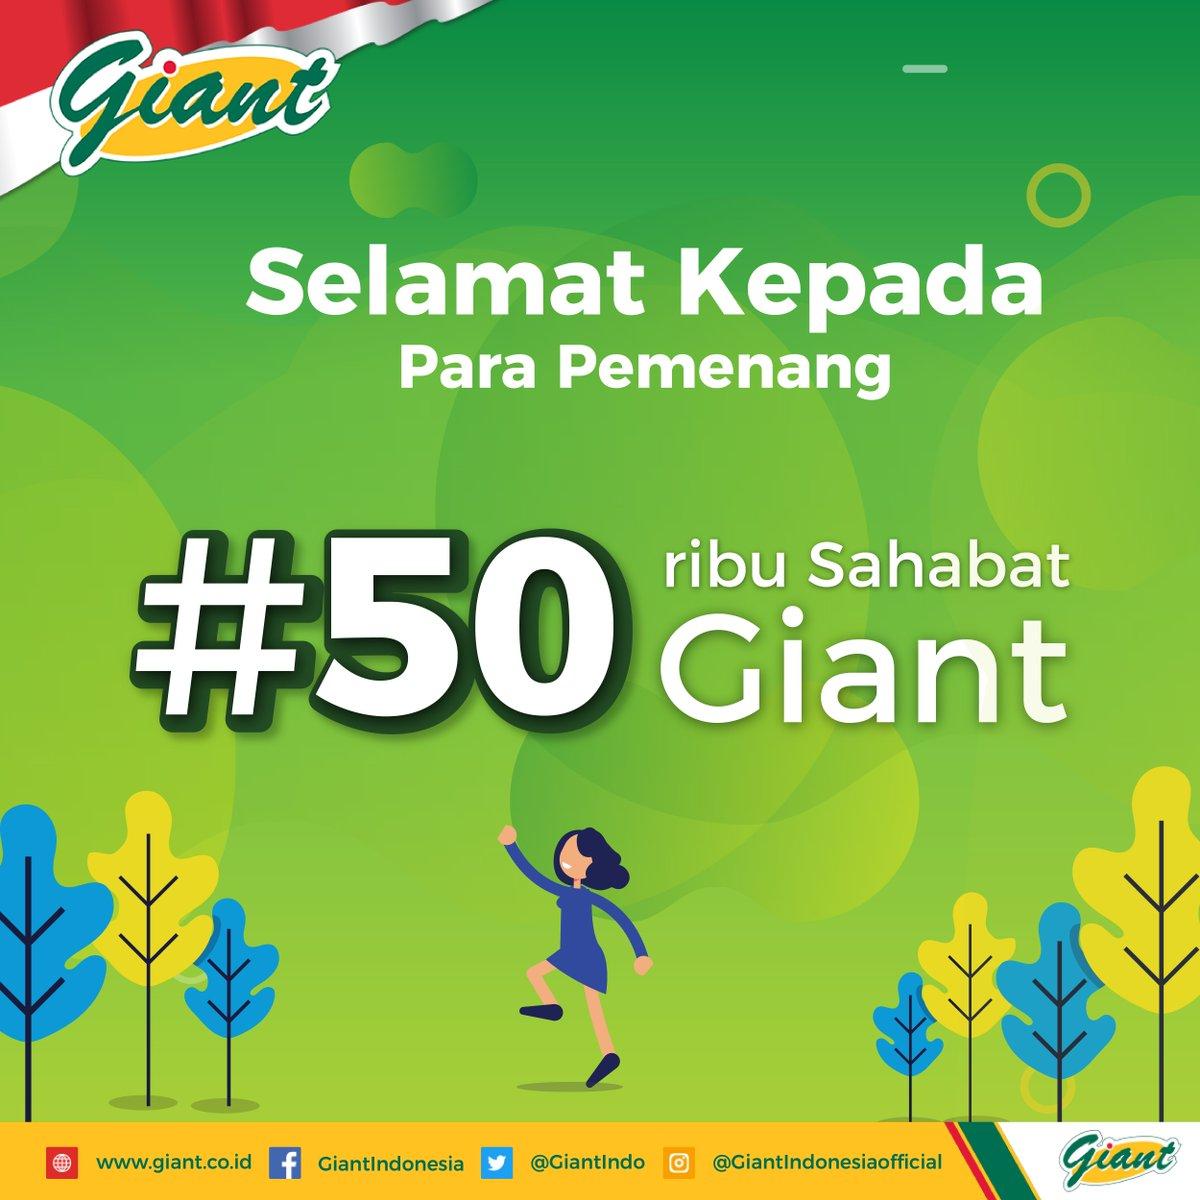 Terima kasih untuk semua Sahabat Giant yang telah berpartisipasi di #50RibuSahabatGiant!  Ini dia para pemenang kuis. Selamat buat para pemenang dan semangat buat yang belum! Pemenang akan dihubungi langsung oleh pihak Giant.  #KuisGiant #GiantIndonesia #GiantHargaMurahSetiapHari